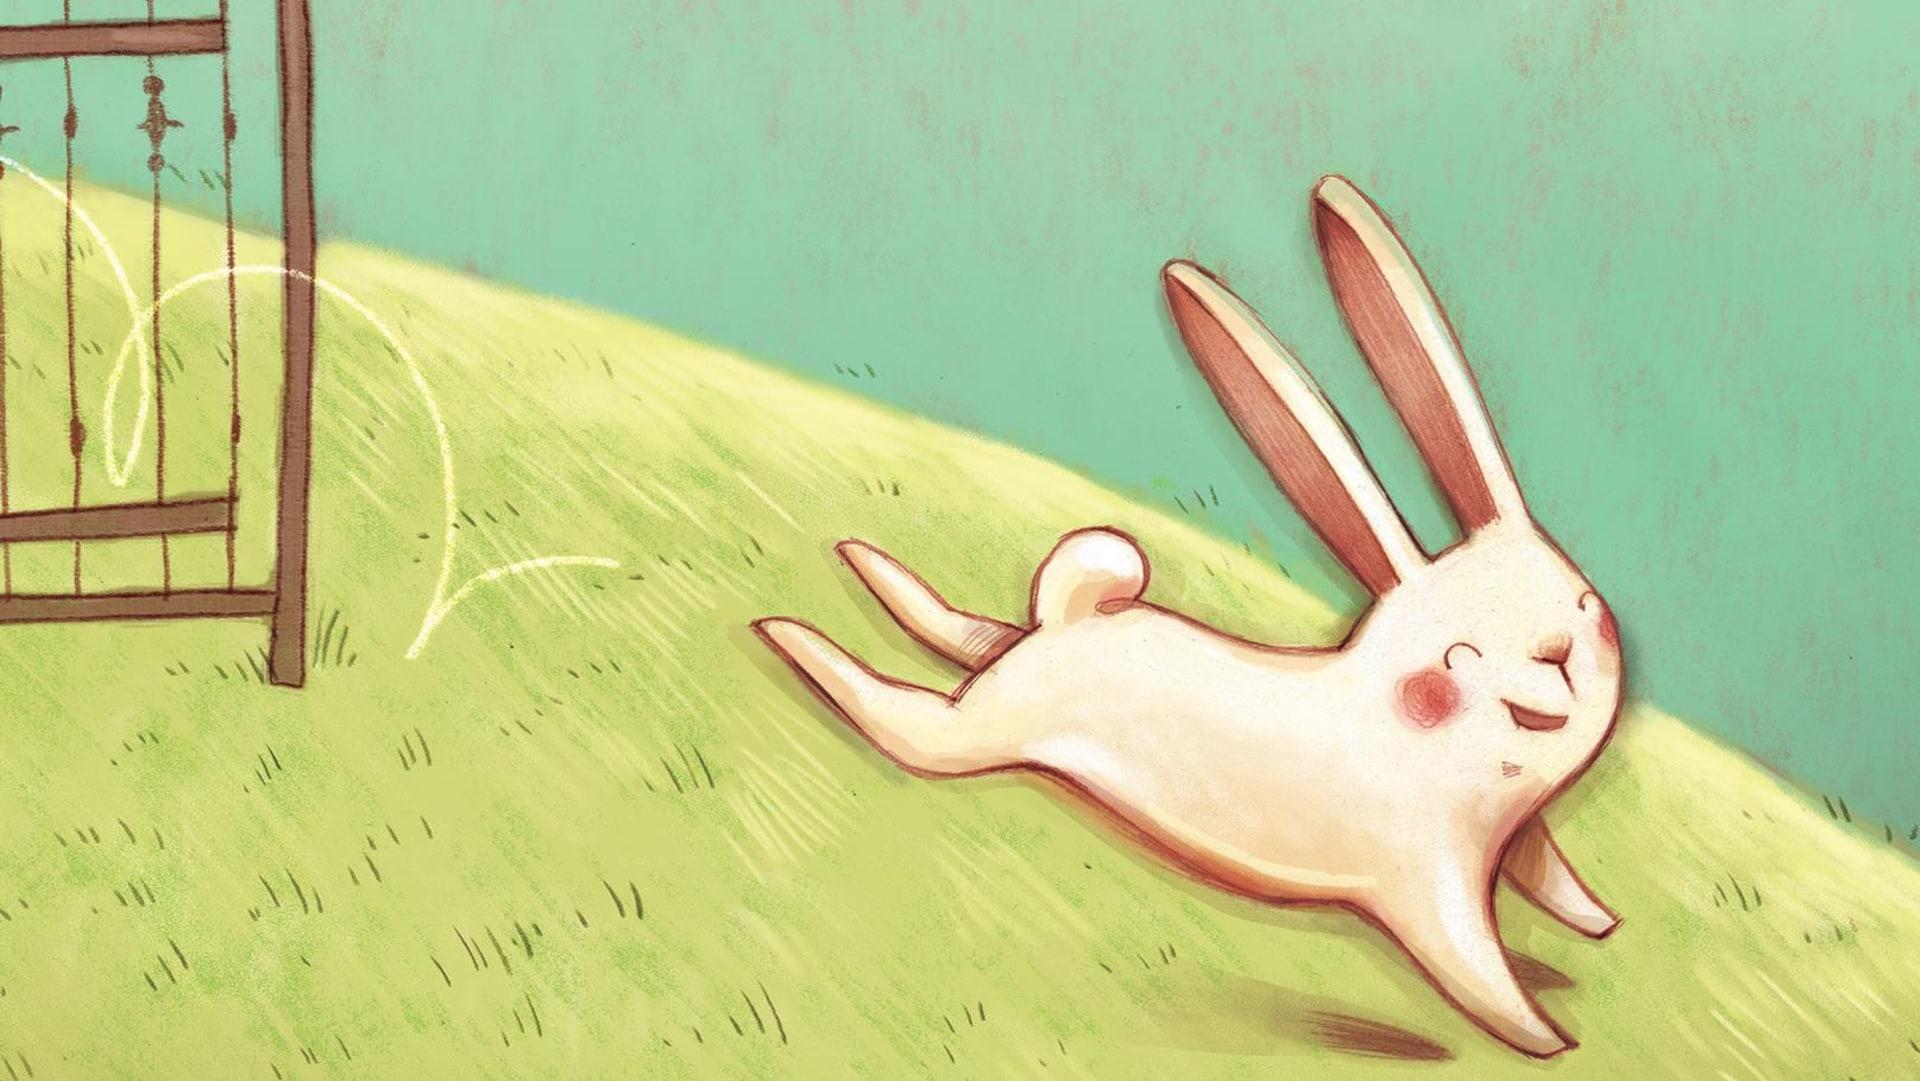 Illustration d'un lapin souriant qui saute par-dessus une barrière et s'enfuit